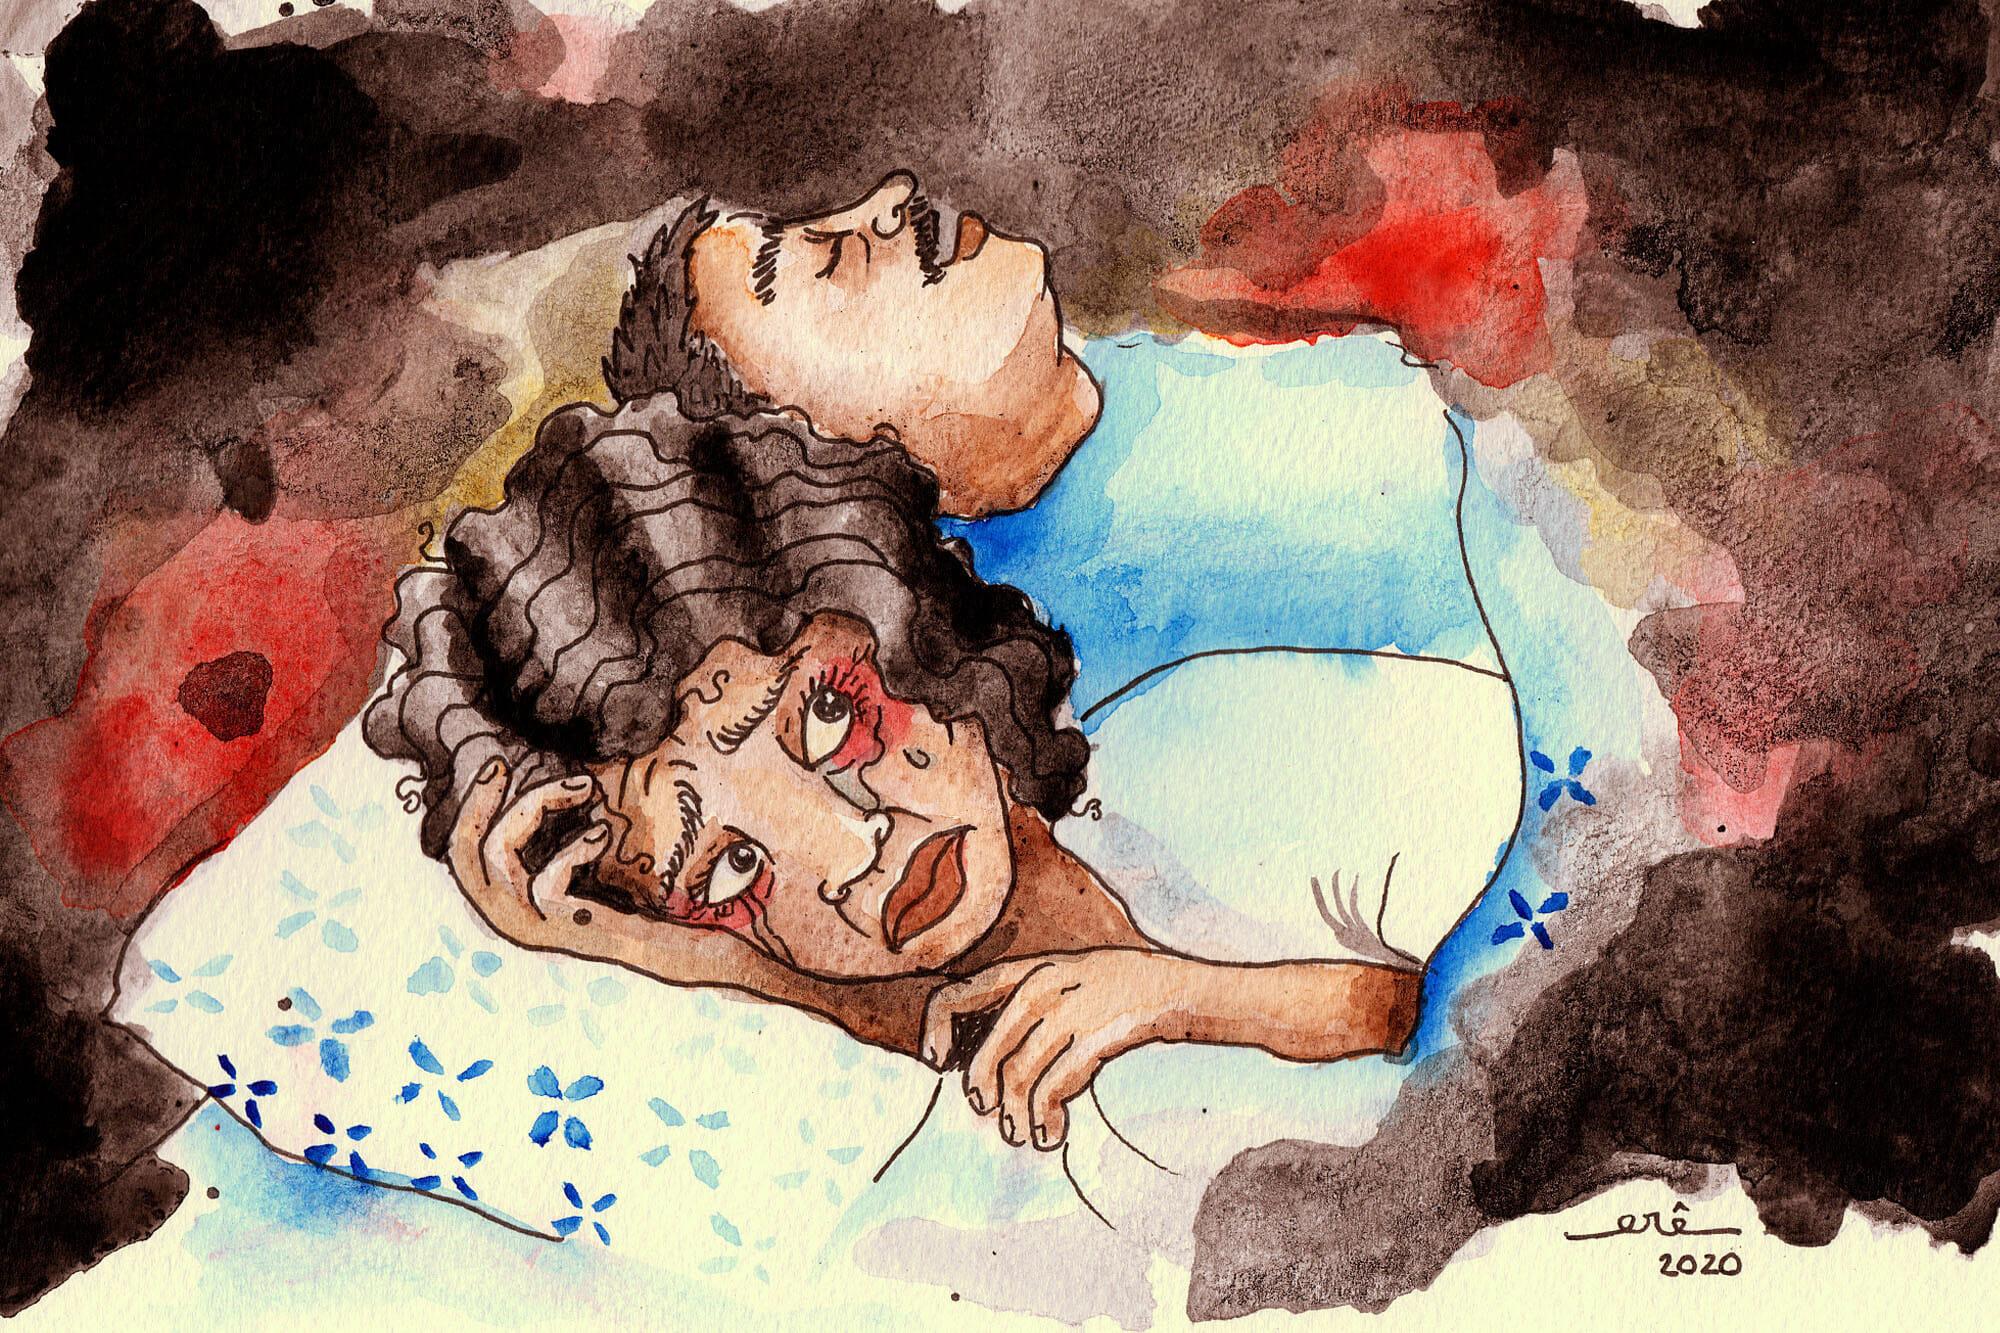 Em Roraima, governantes ignoram o tema da violência doméstica